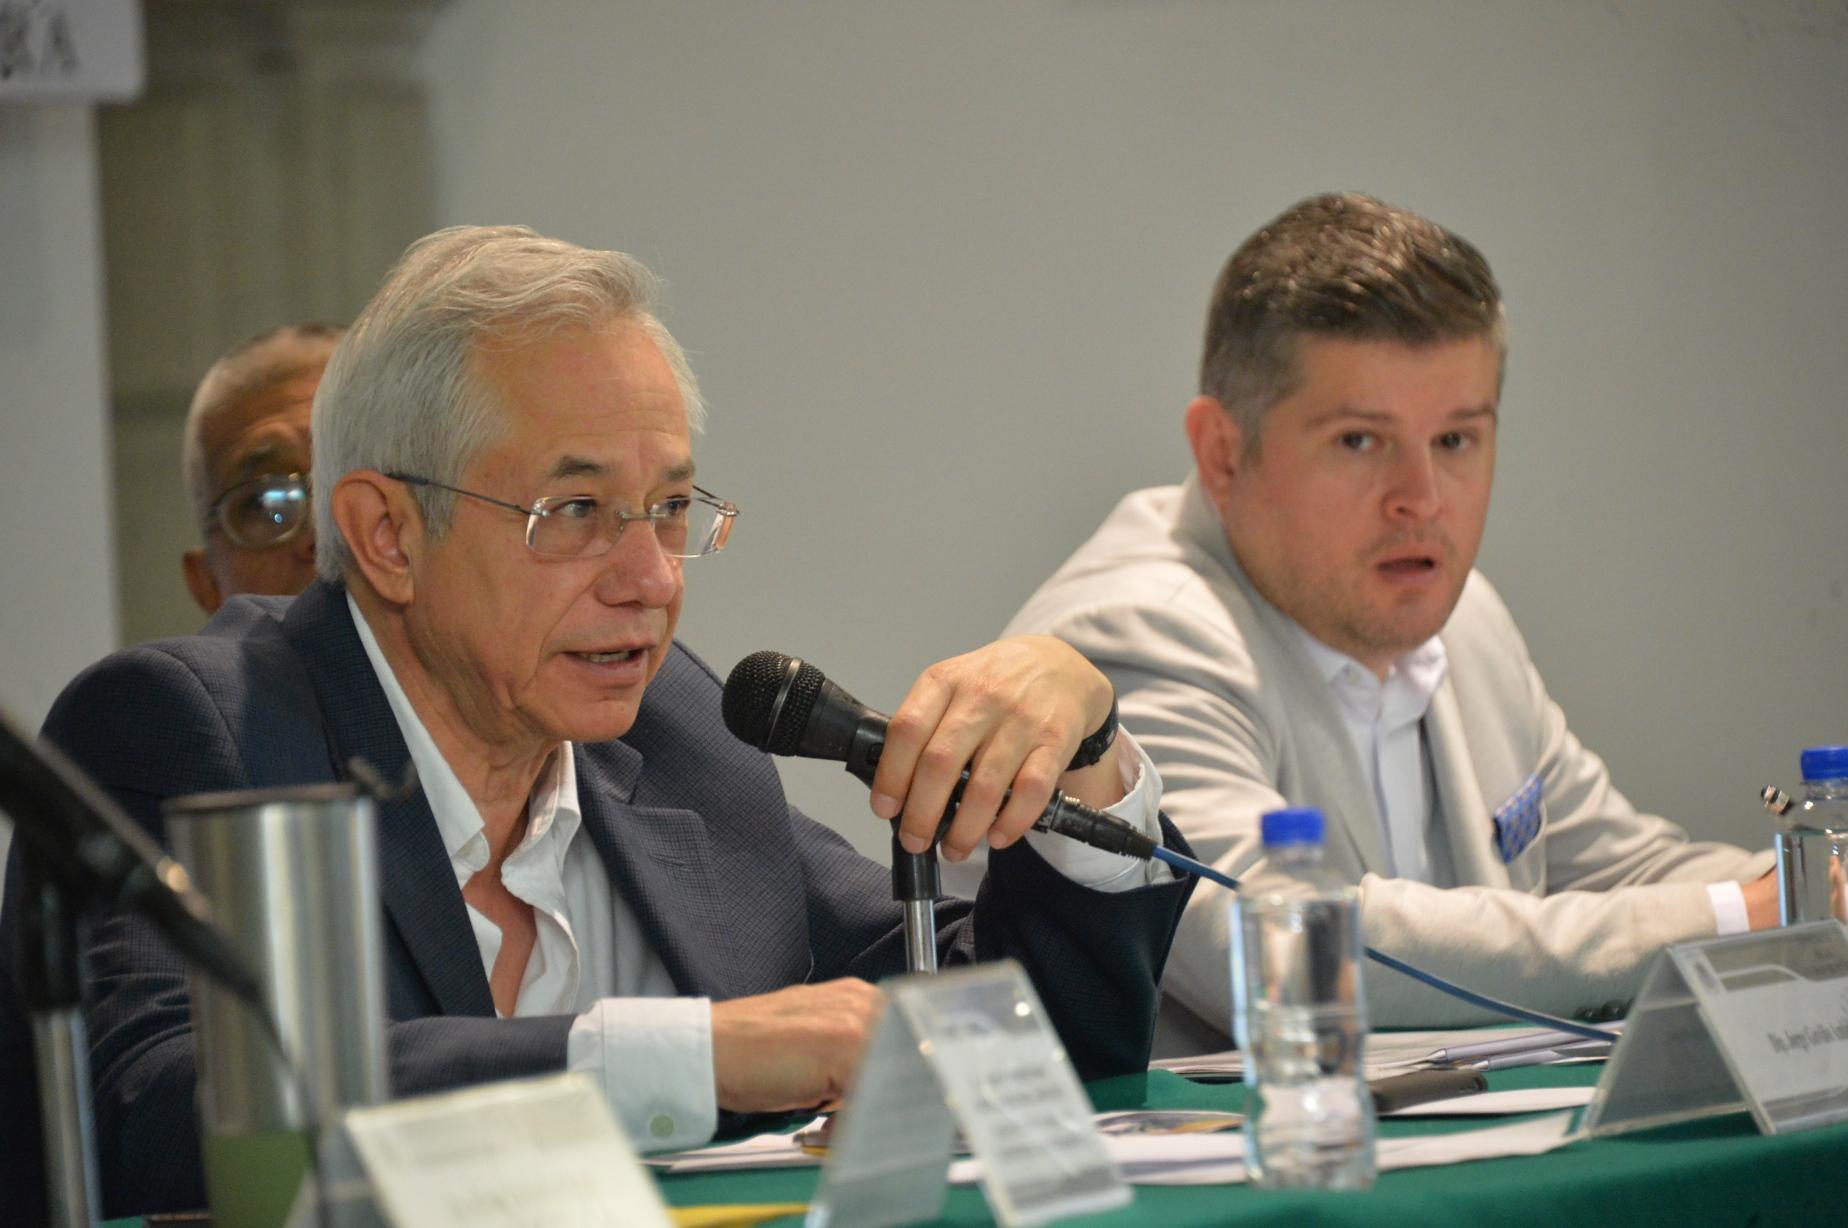 Refrendan diputados Ruiz y Gaviño su compromiso de no criminalizar el uso de motocicletas